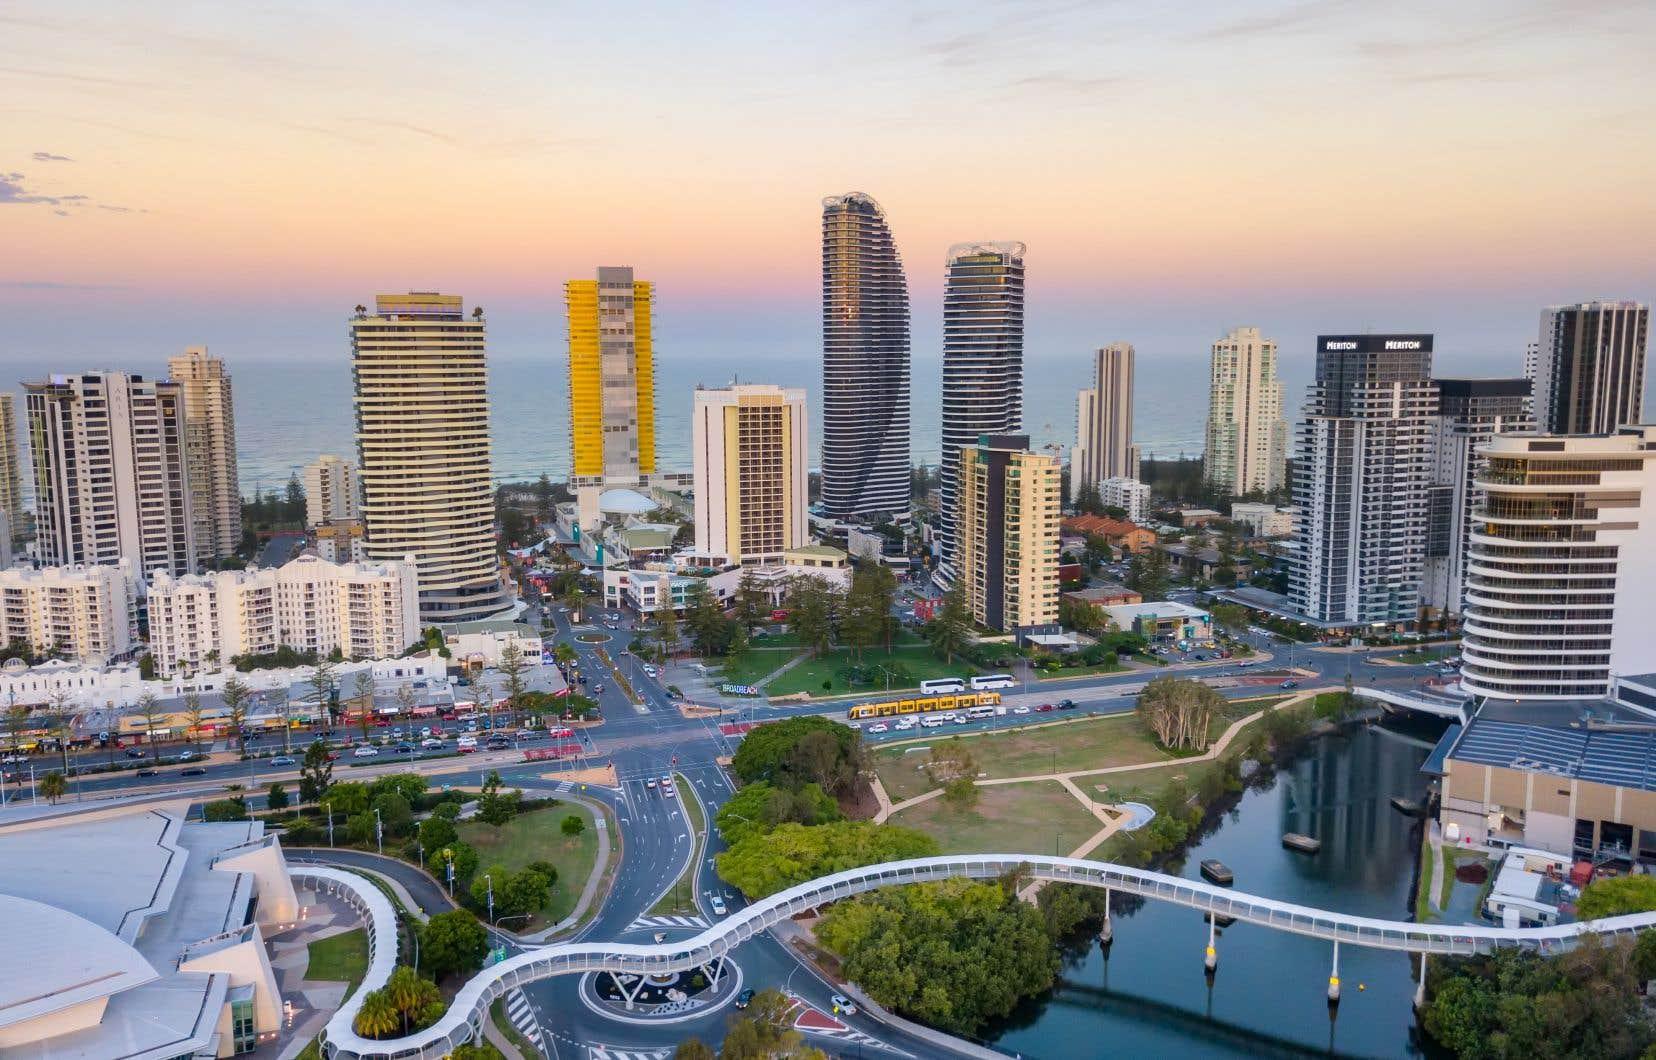 L'exemple du centre de congrès de Gold Coast, en Australie, est le plus parlant, car il avait déjà une relation avec sa communauté et plus spécifiquement avec les écoles du quartier en leur offrant ses cuisines pour des activités parascolaires.